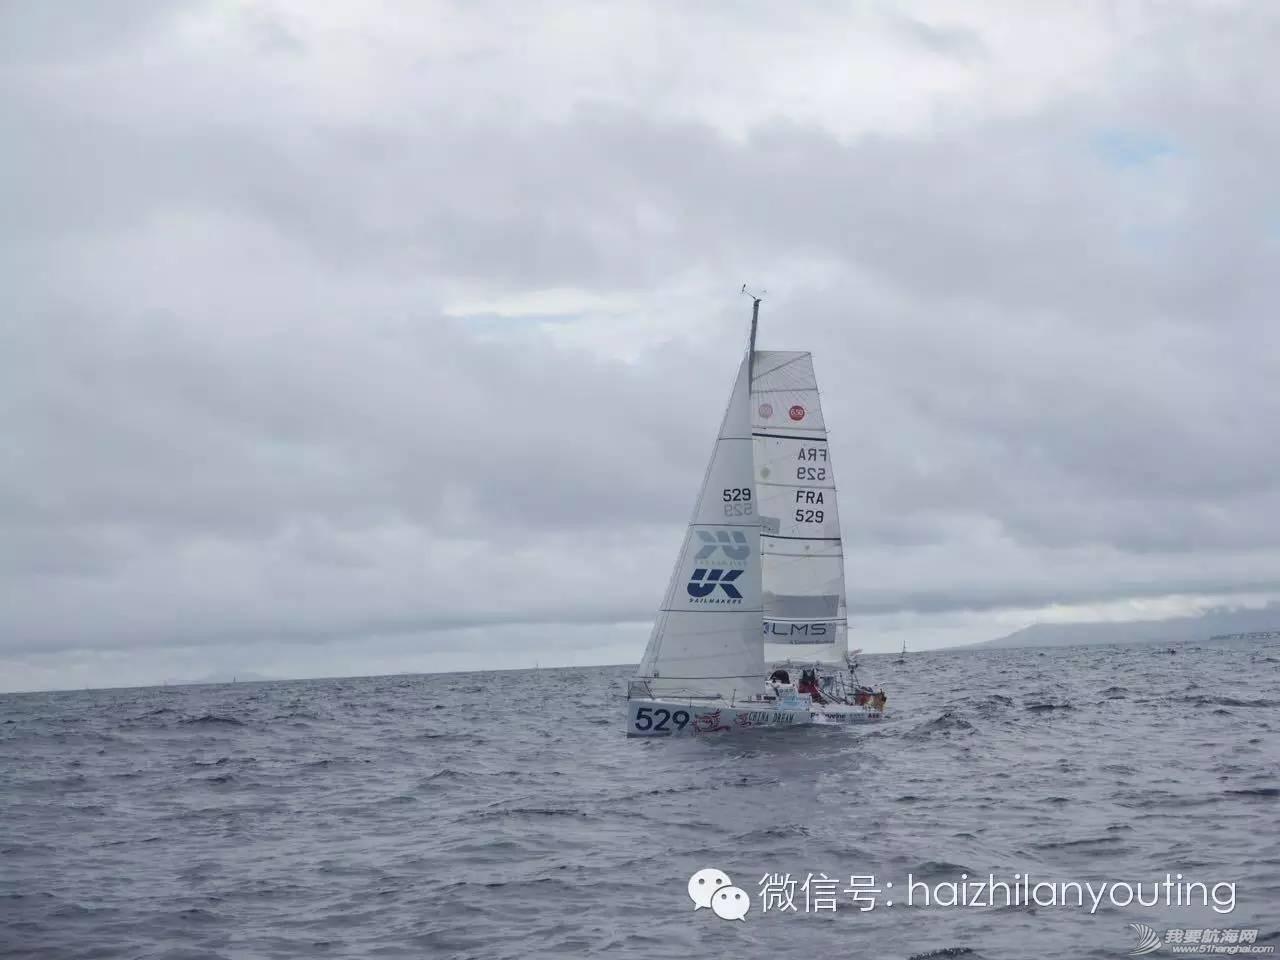 大西洋,中国海,朋友,决战 京坤在MINI TRANSAT | Mini transat第二赛段起航,决战大西洋 97aa1841b06c39b24ebb4563c91cbceb.jpg